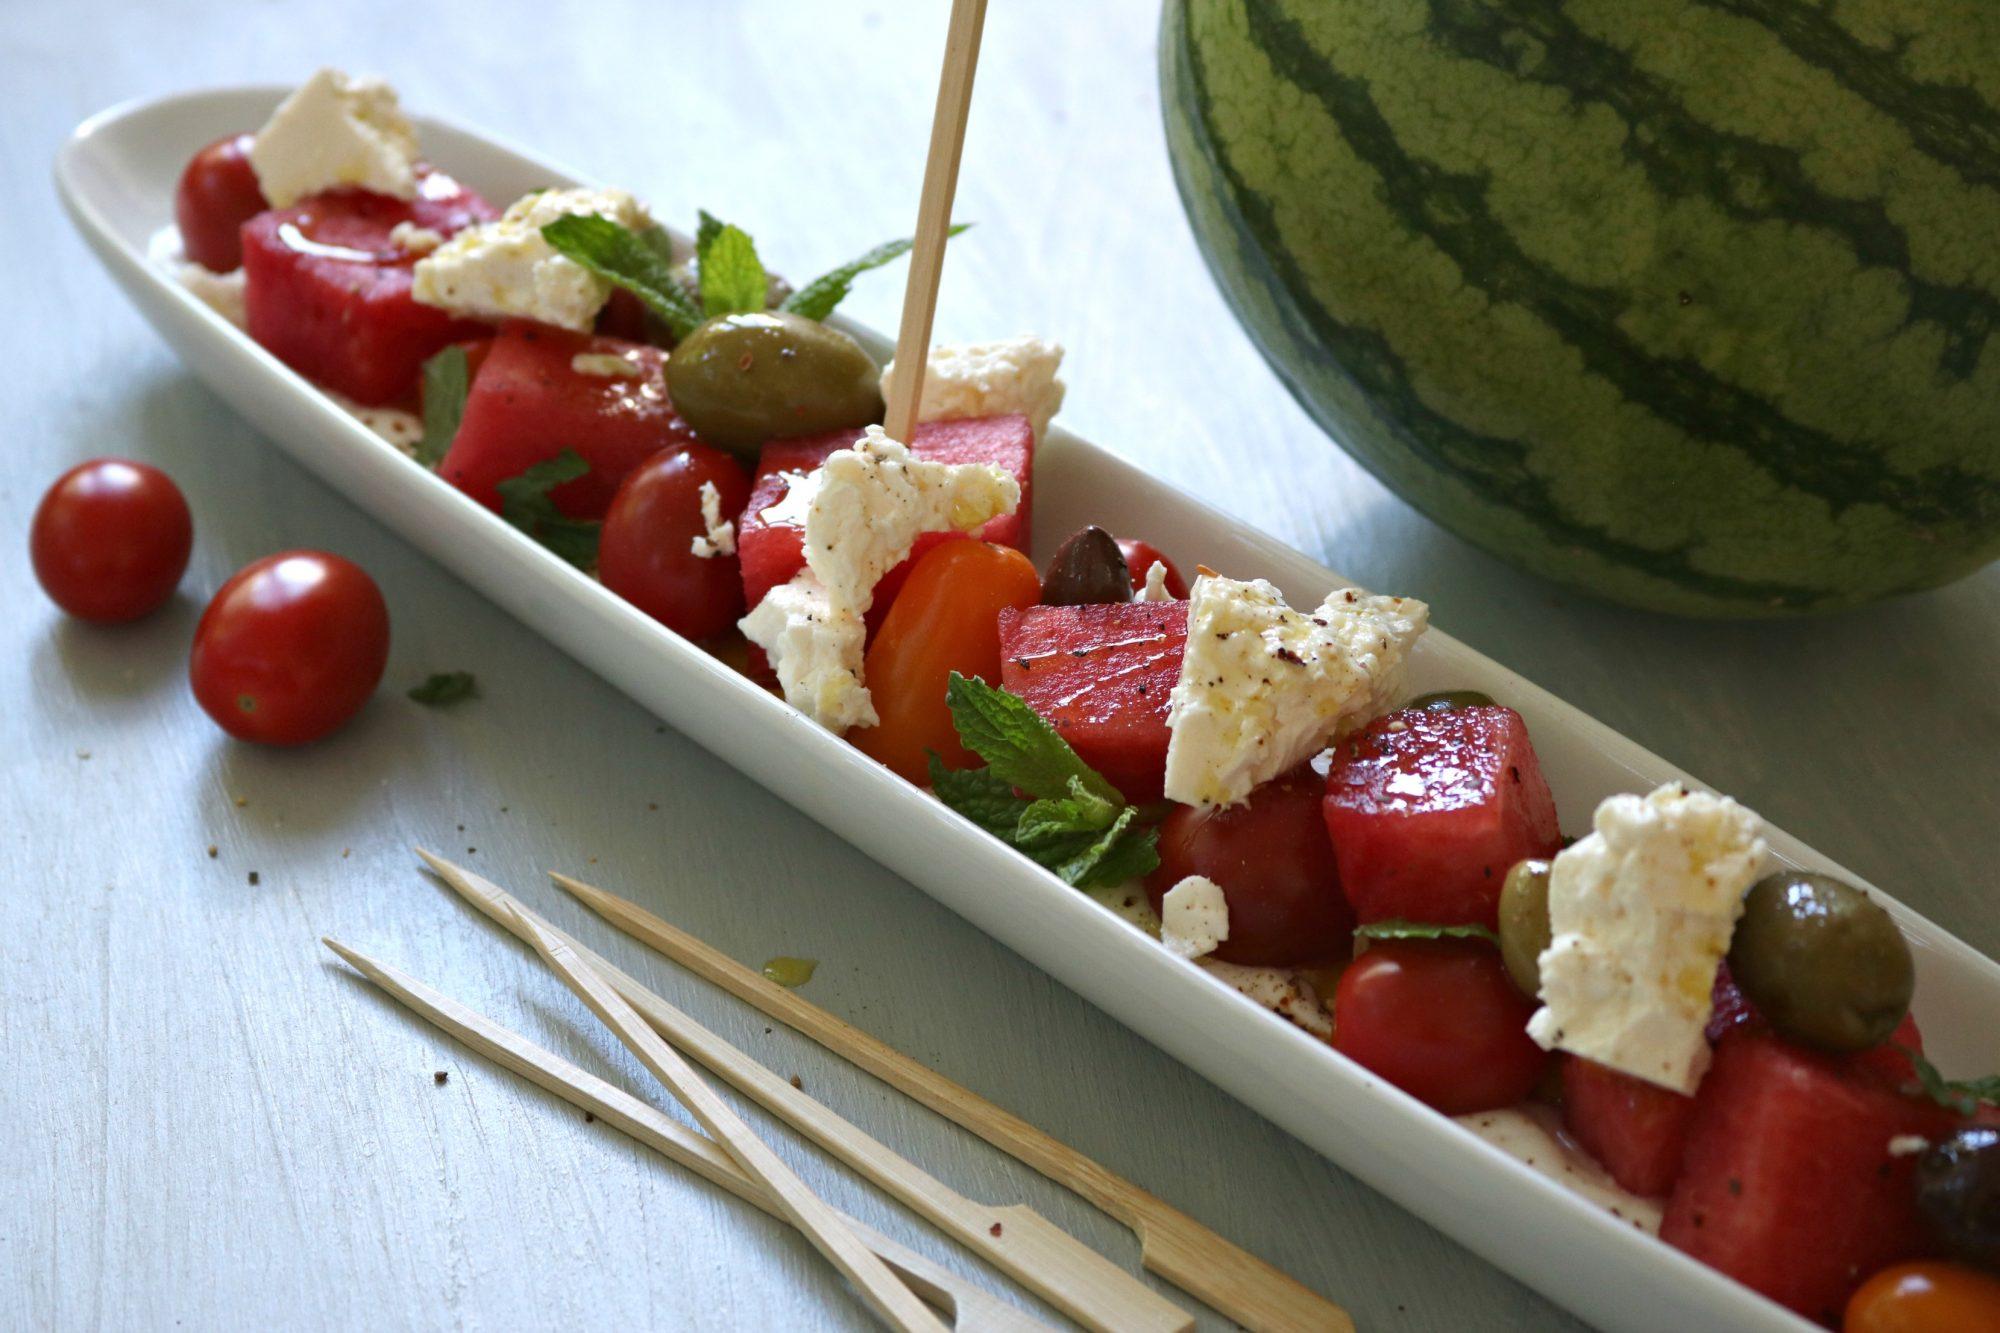 Watermelon patio nibbles